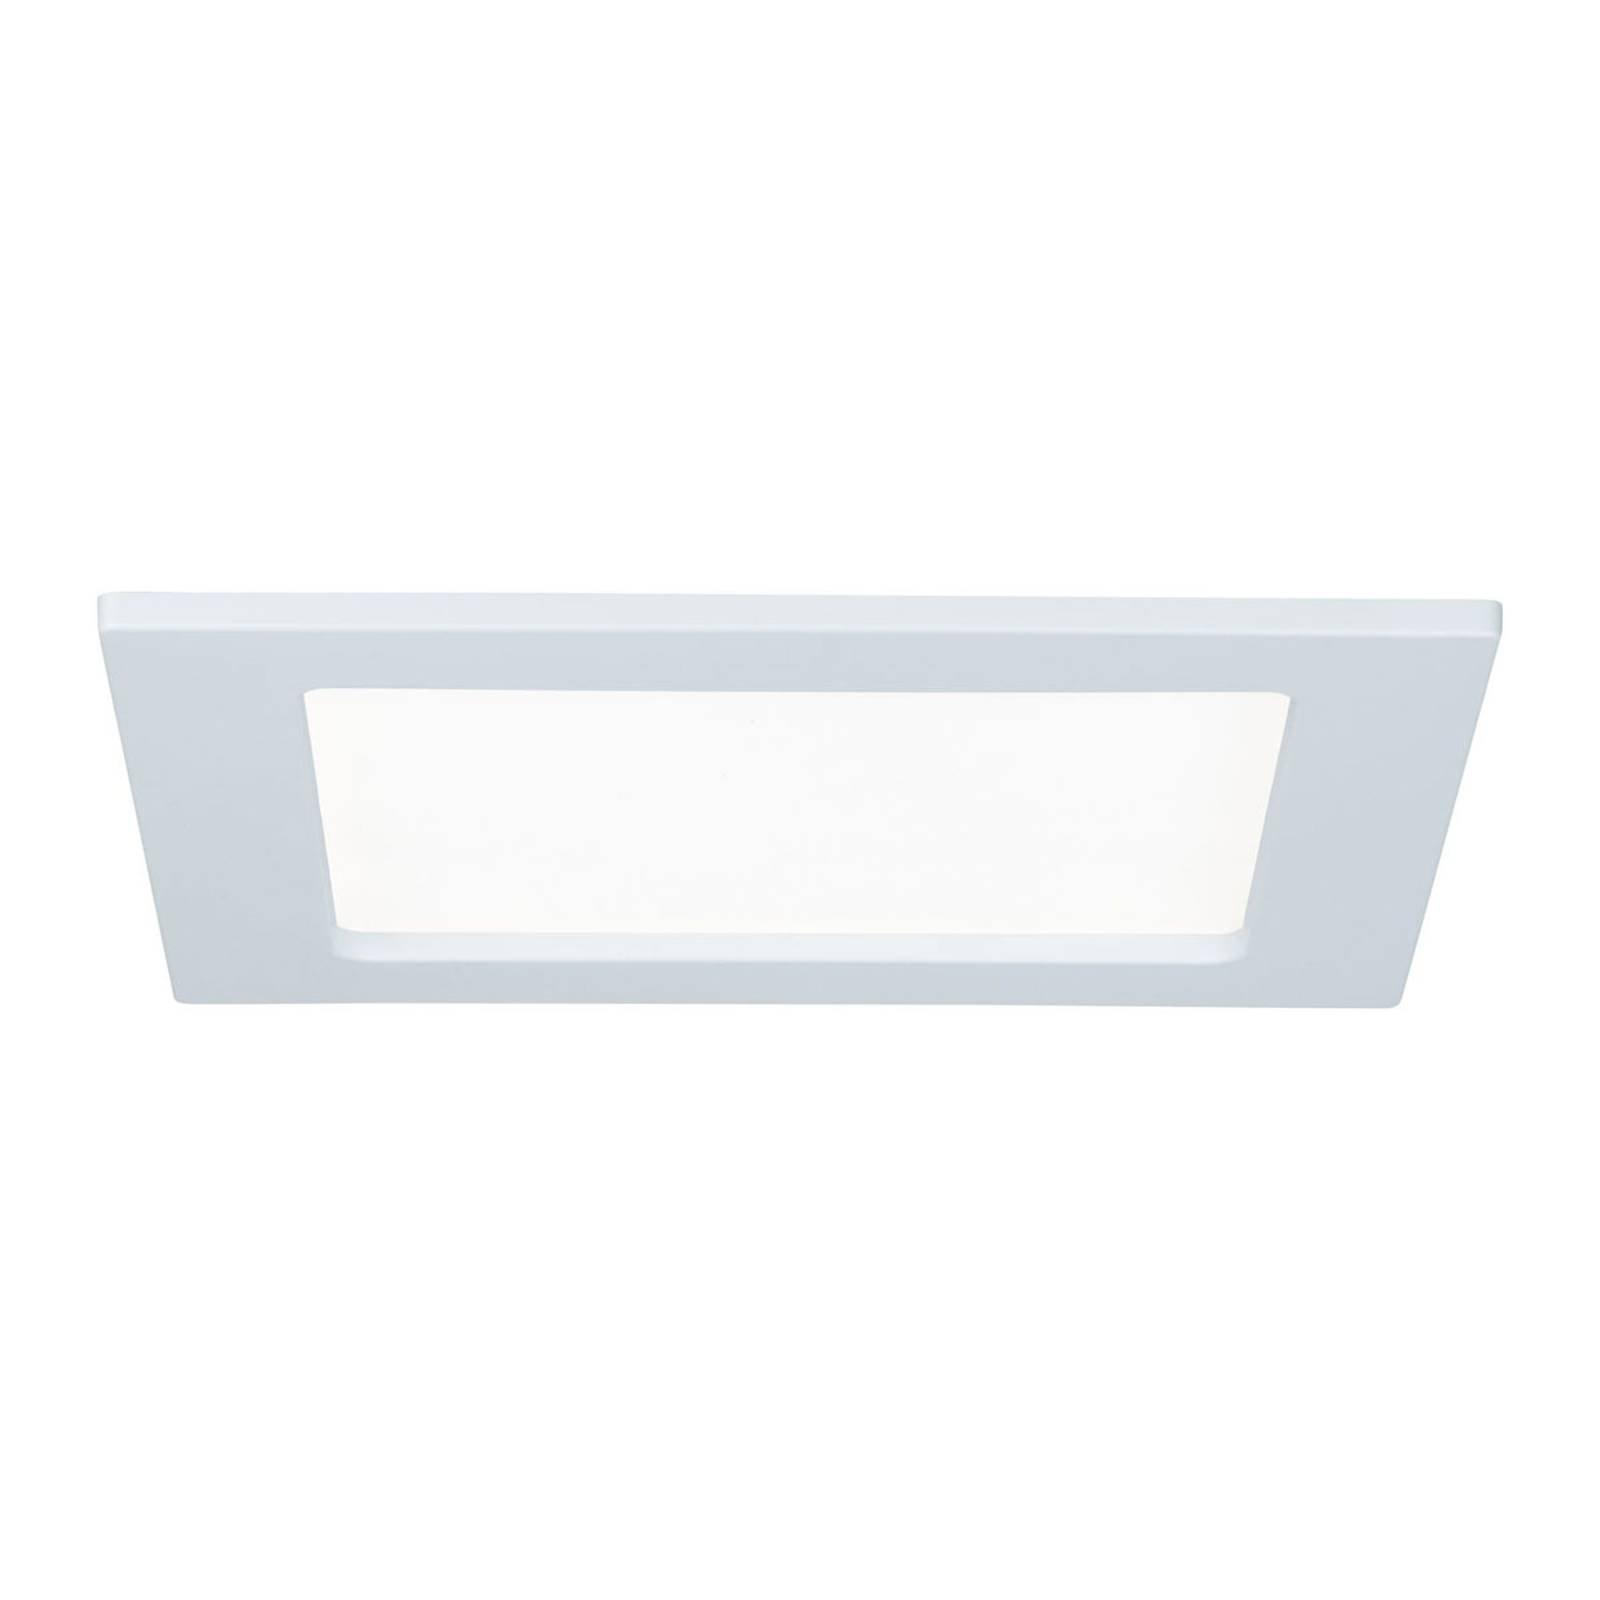 Paulmann LED-panel, firkantet, 12W, 4 000 K, hvit